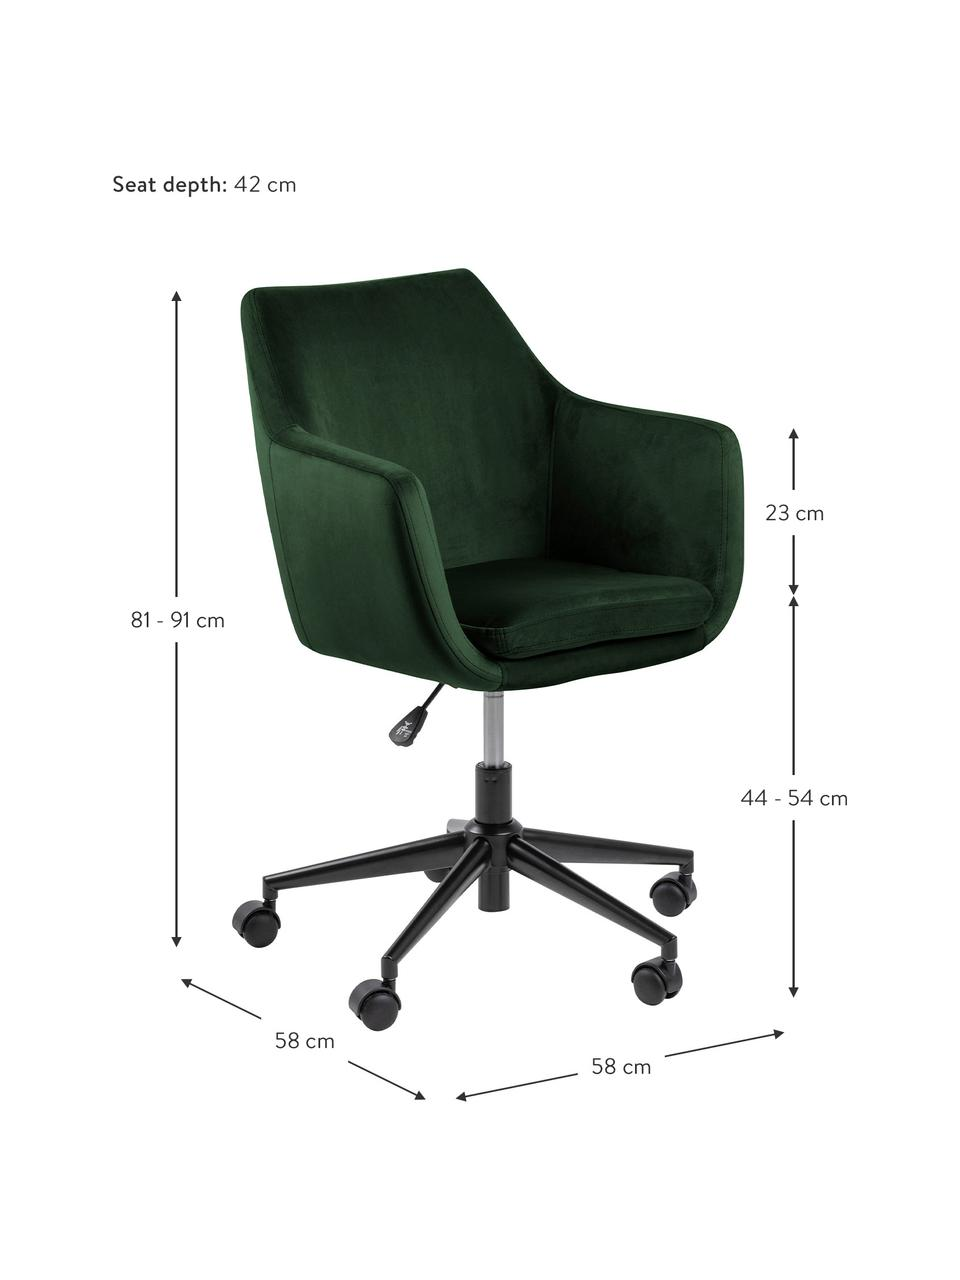 Samt-Bürodrehstuhl Nora, höhenverstellbar, Bezug: Polyester (Samt) 25.000 S, Gestell: Metall, pulverbeschichtet, Samt Waldgrün, B 58 x T 58 cm